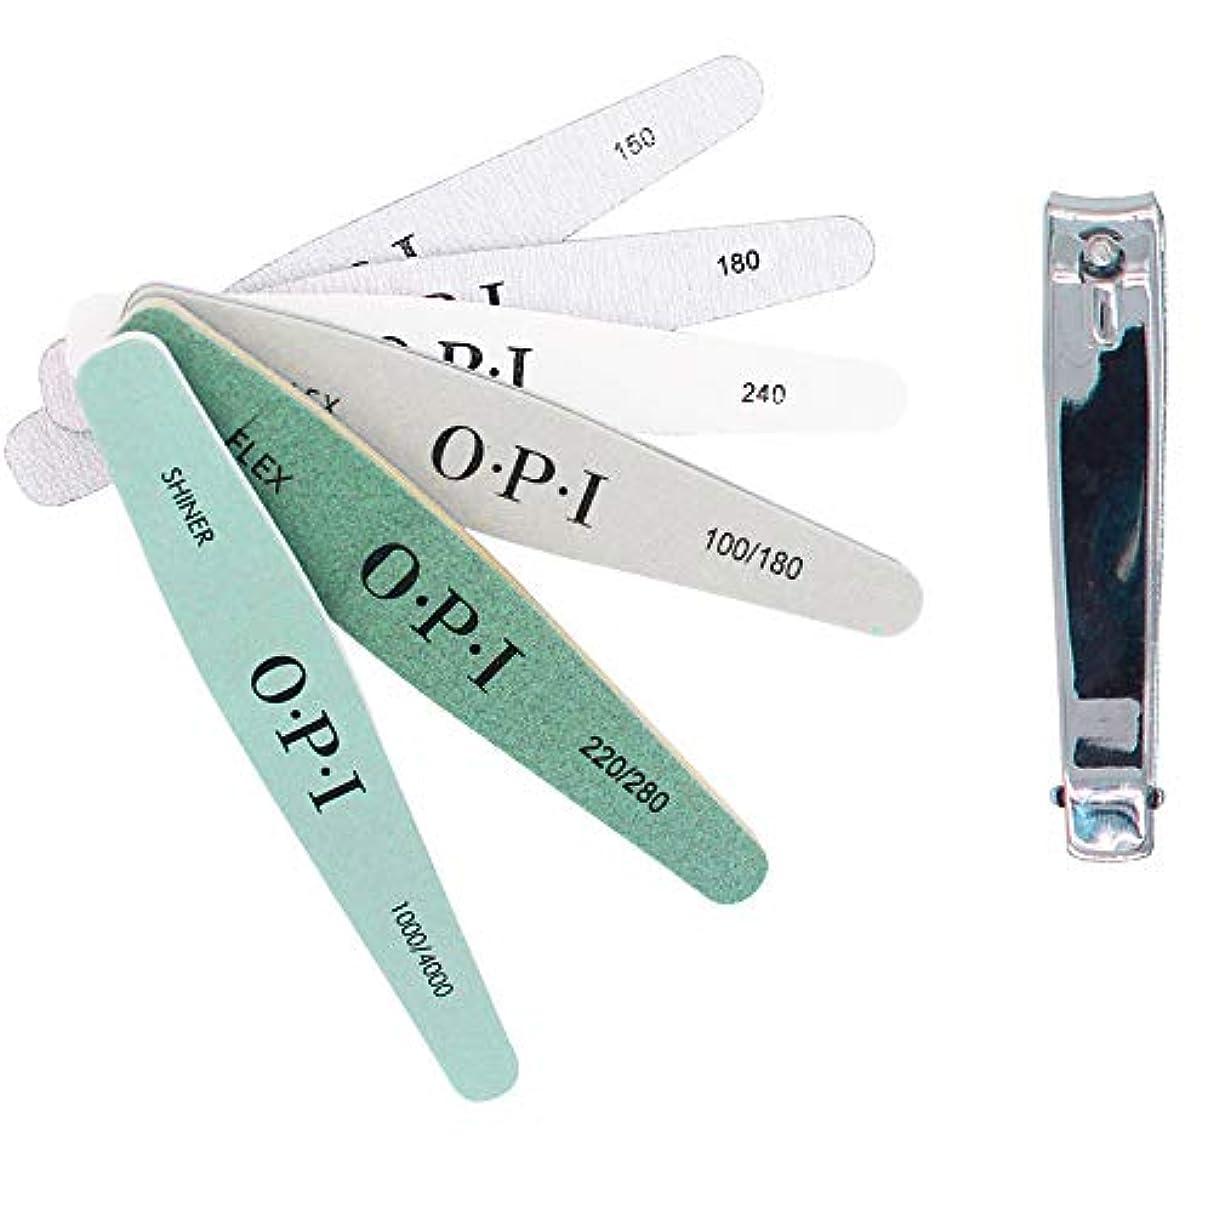 社会湿地影のあるKINYOOOスポンジファイル、爪やすり、ネイルをつやつやに、のネイルツール、 150/180/200/240/280/1000/4000と(1 PCSメタルネイルはさみ)、ネイルケア用化粧マニキュアペディキュアセット。